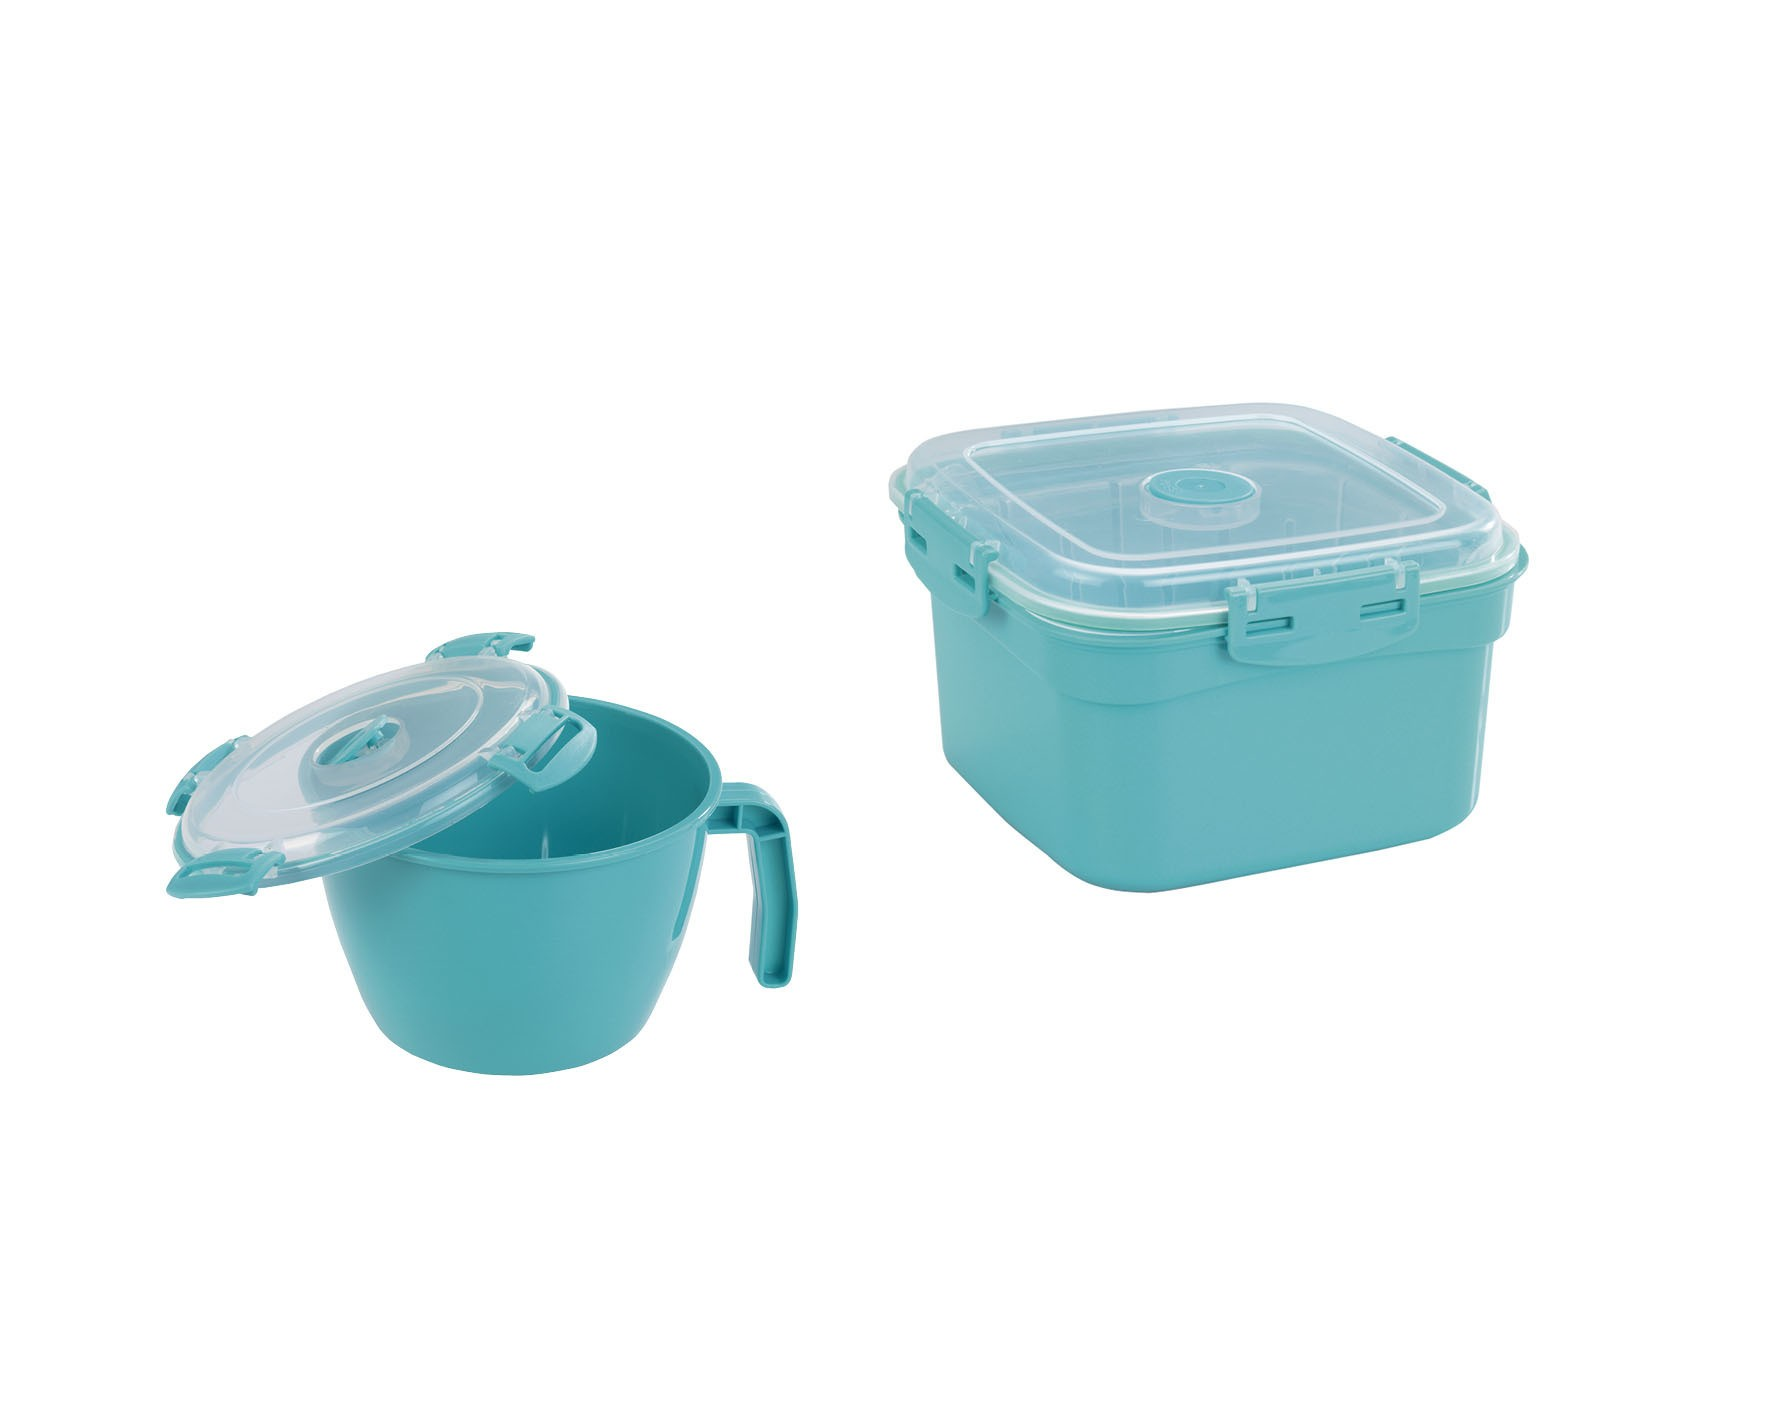 Wenko Mikrowellen-Tasse und -Dampfgarer, 900 ml & 2000 ml